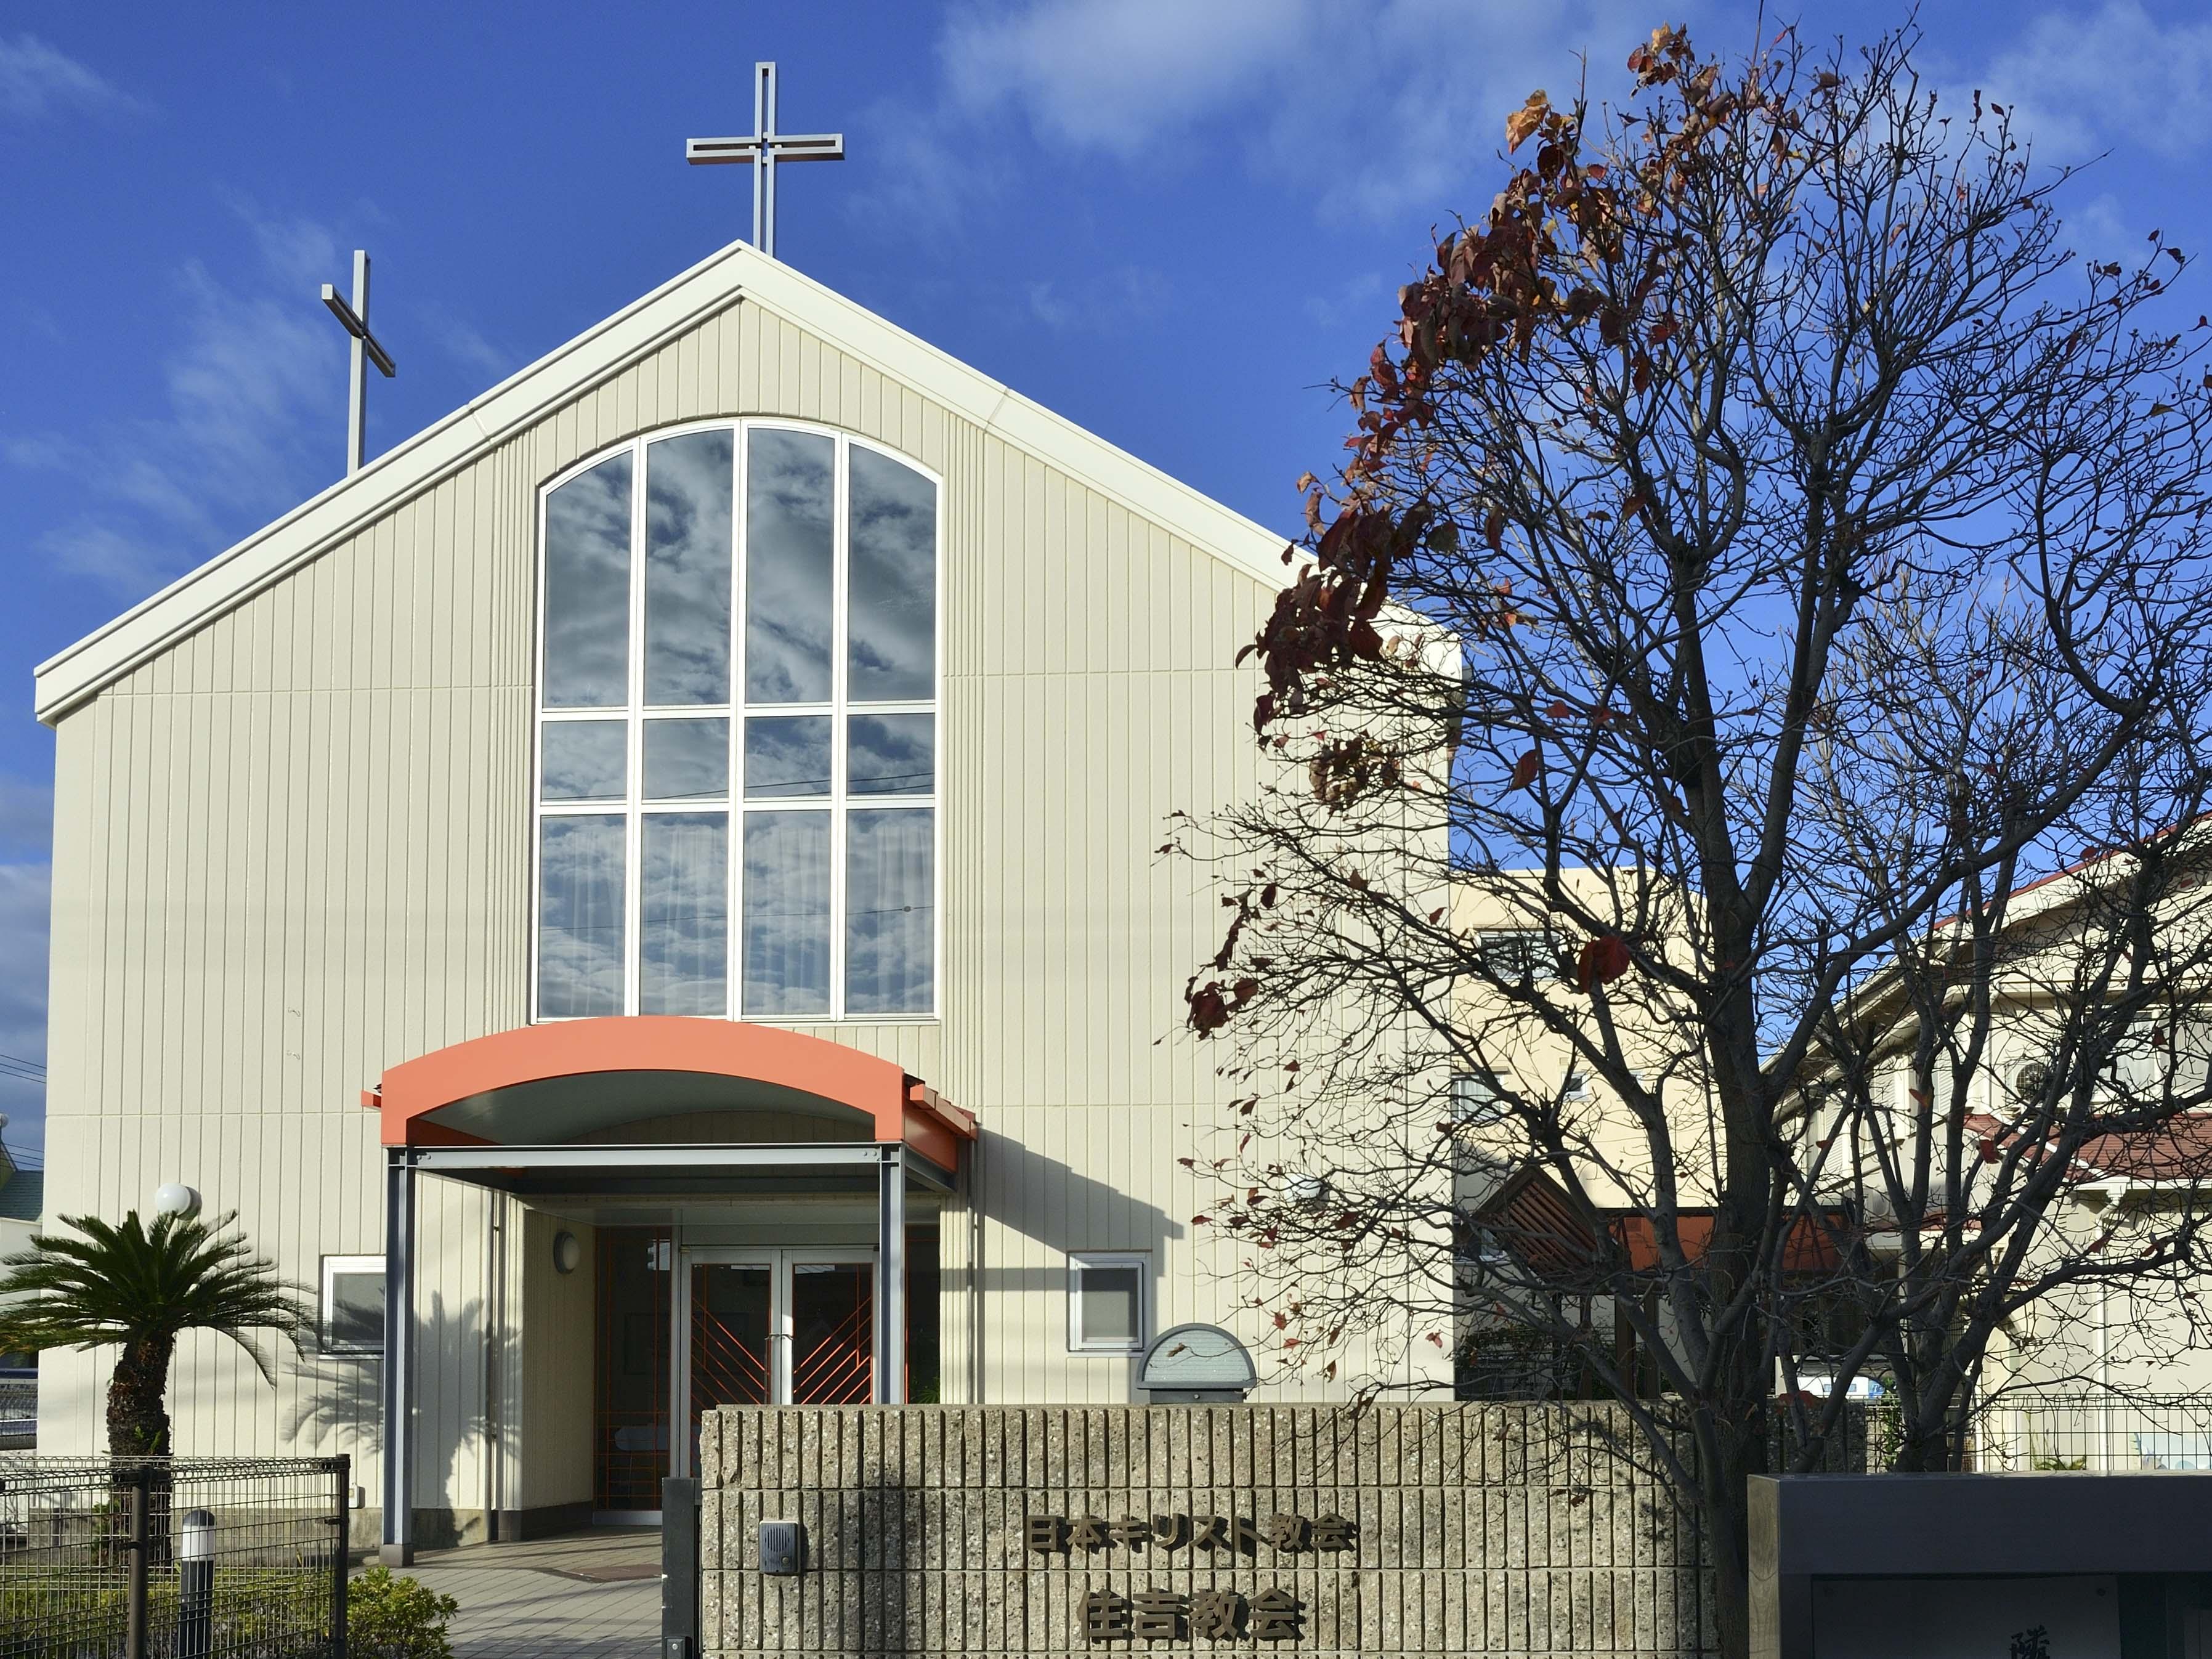 日本キリスト教会 住吉教会住吉教会へようこそ!